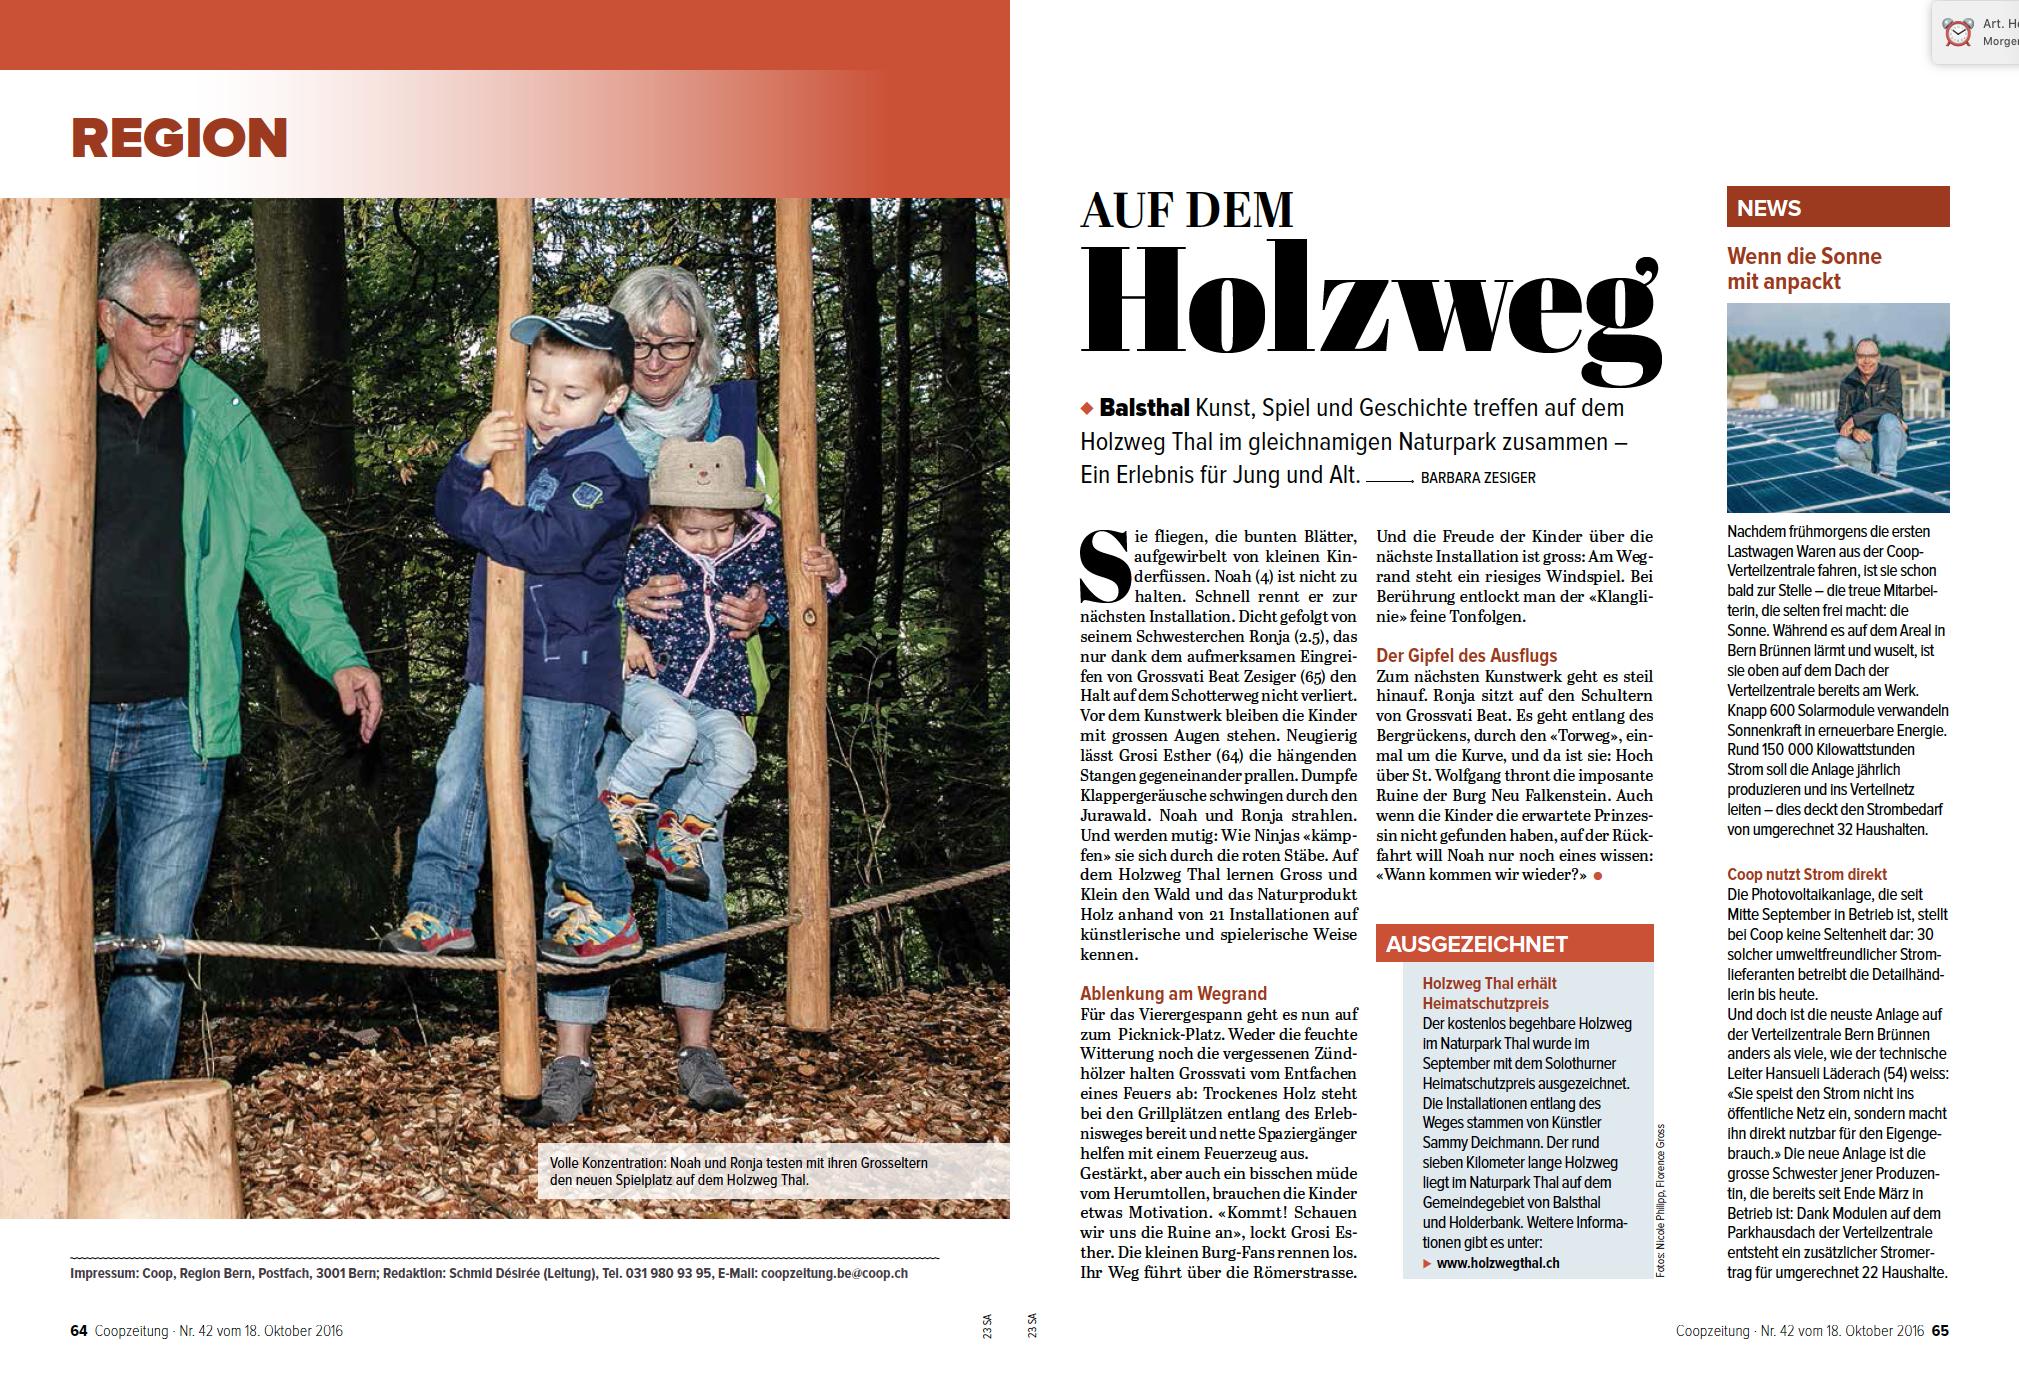 Coopzeitung - Nr. 42 vom 18. Oktober 2016